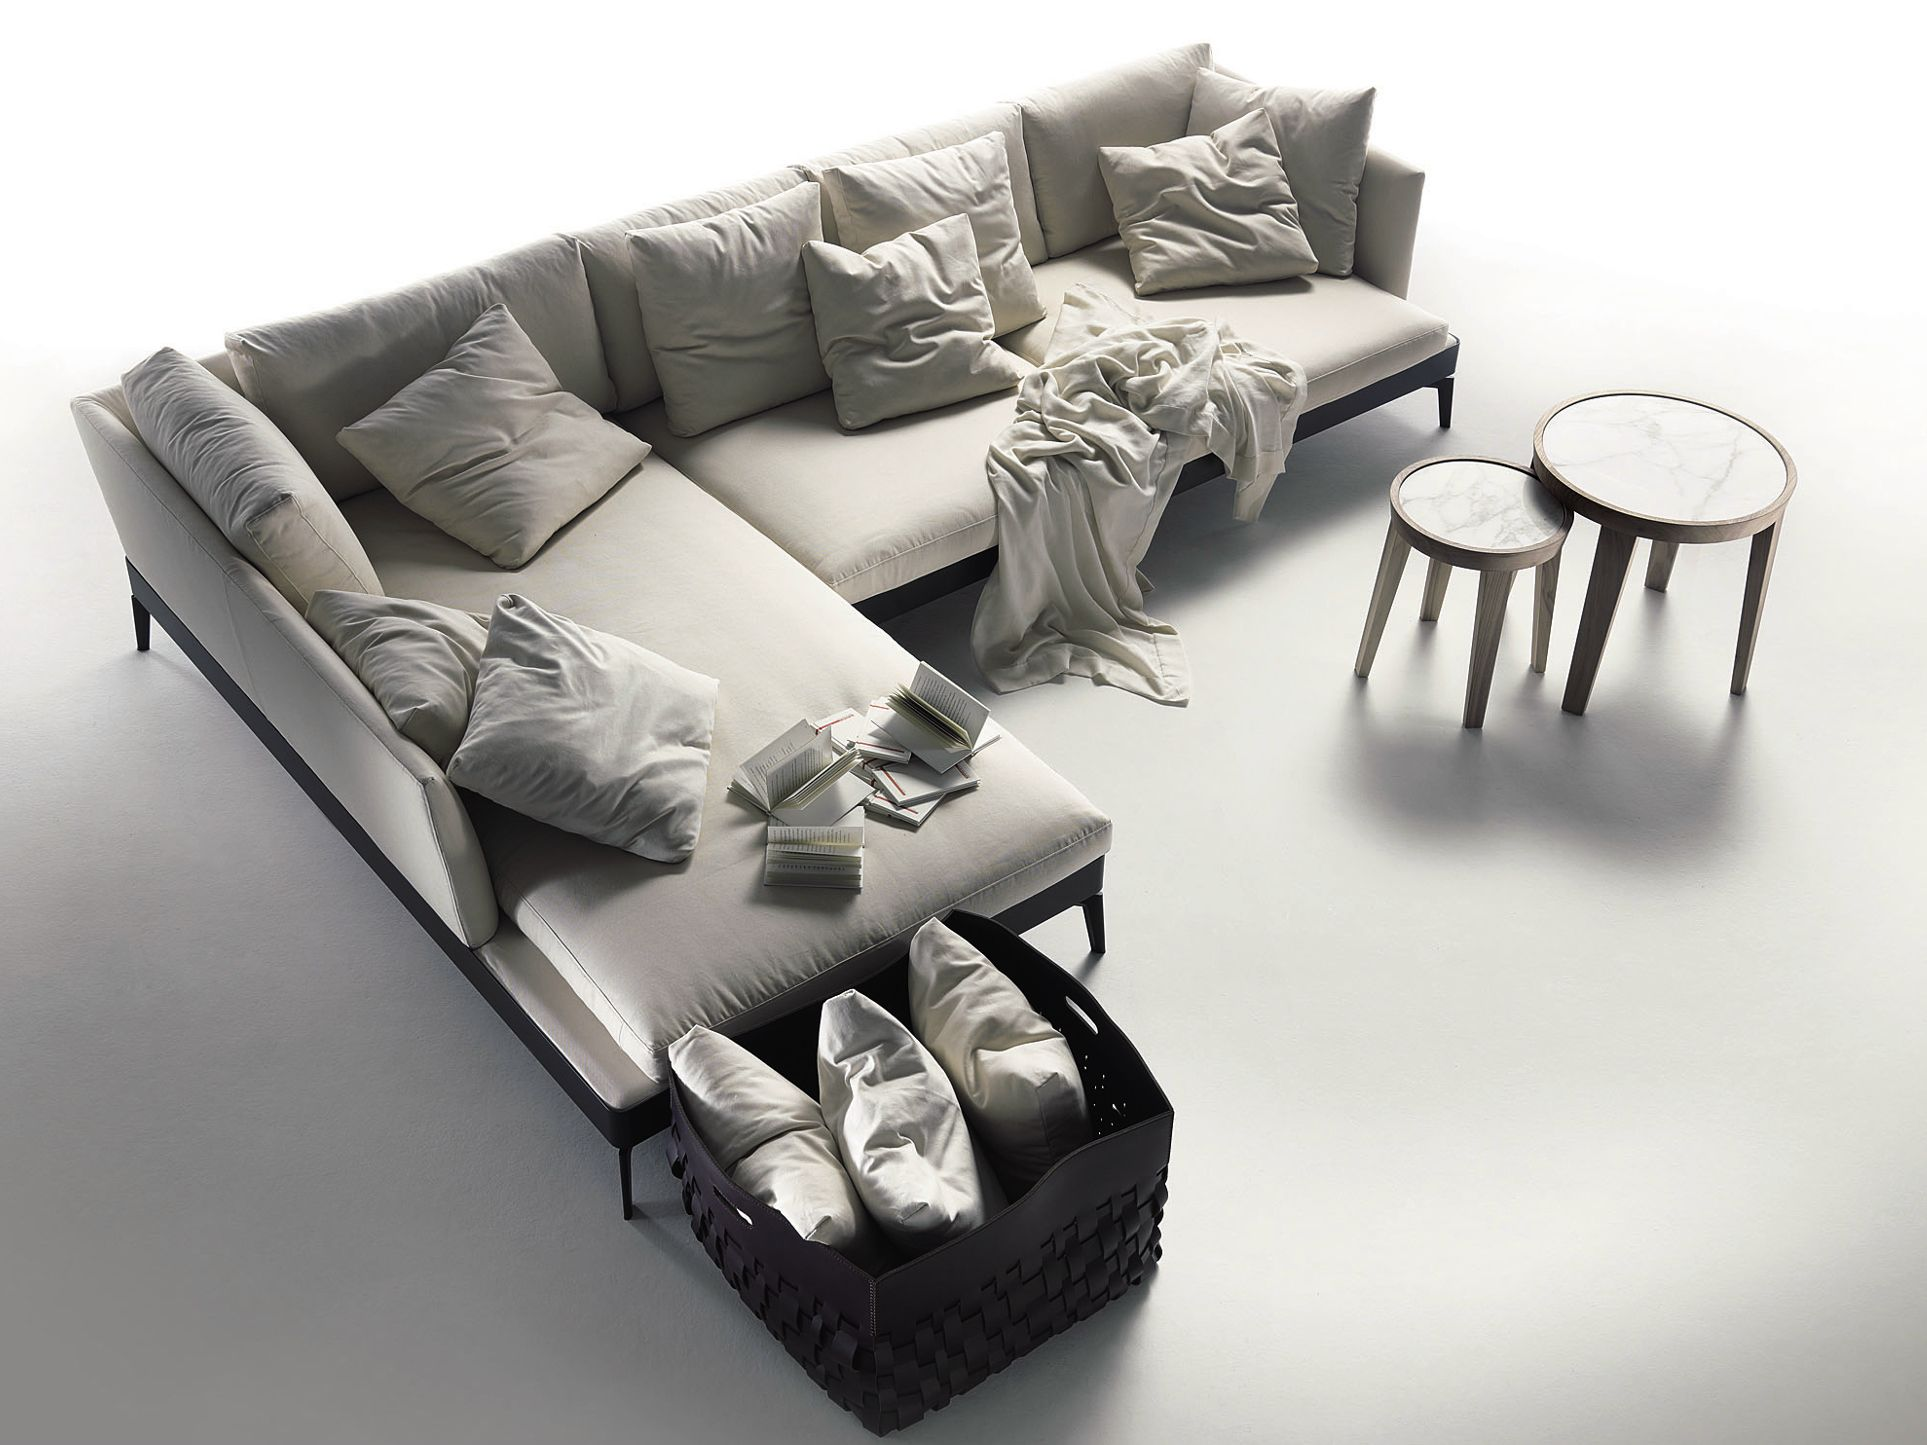 feel good alto sofa Google Search sofa Pinterest Fabric sofa